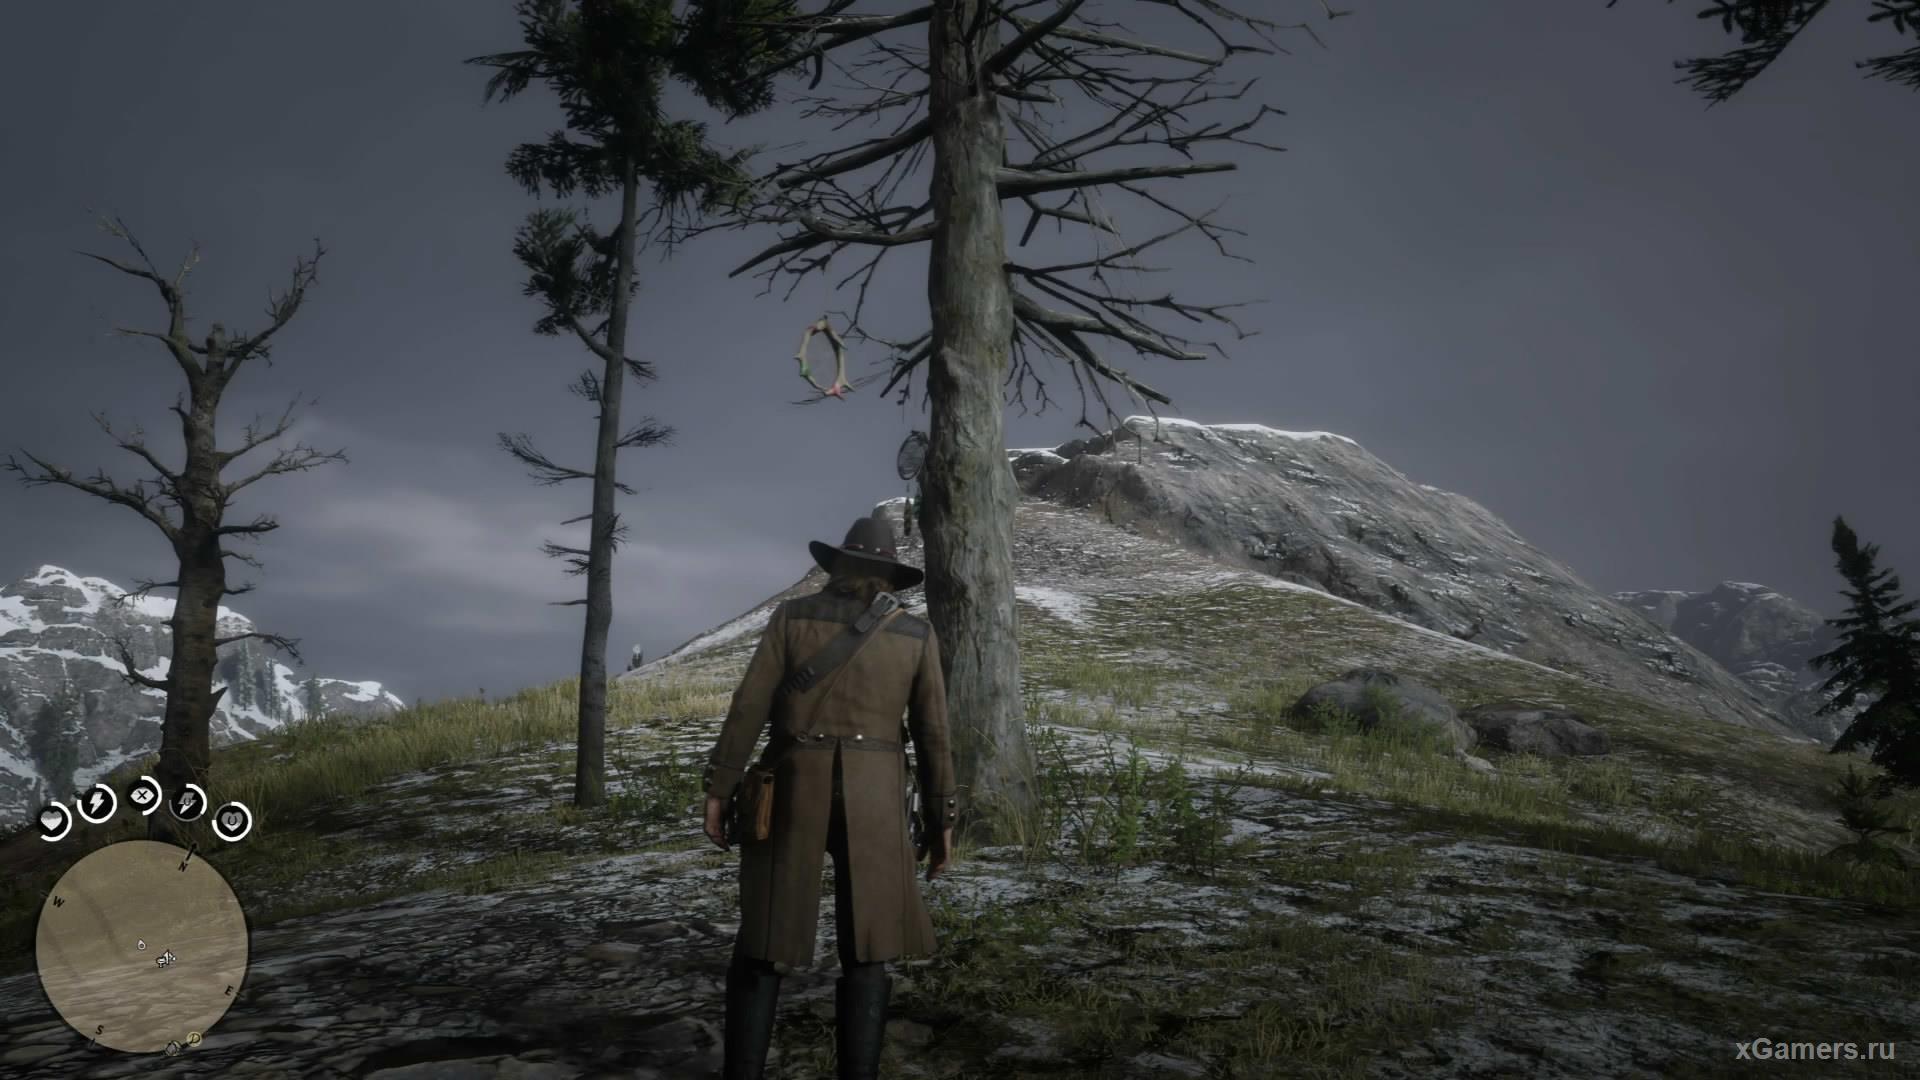 Семнадцатый ловец находится в горах гризли, на нижней ветке дерева